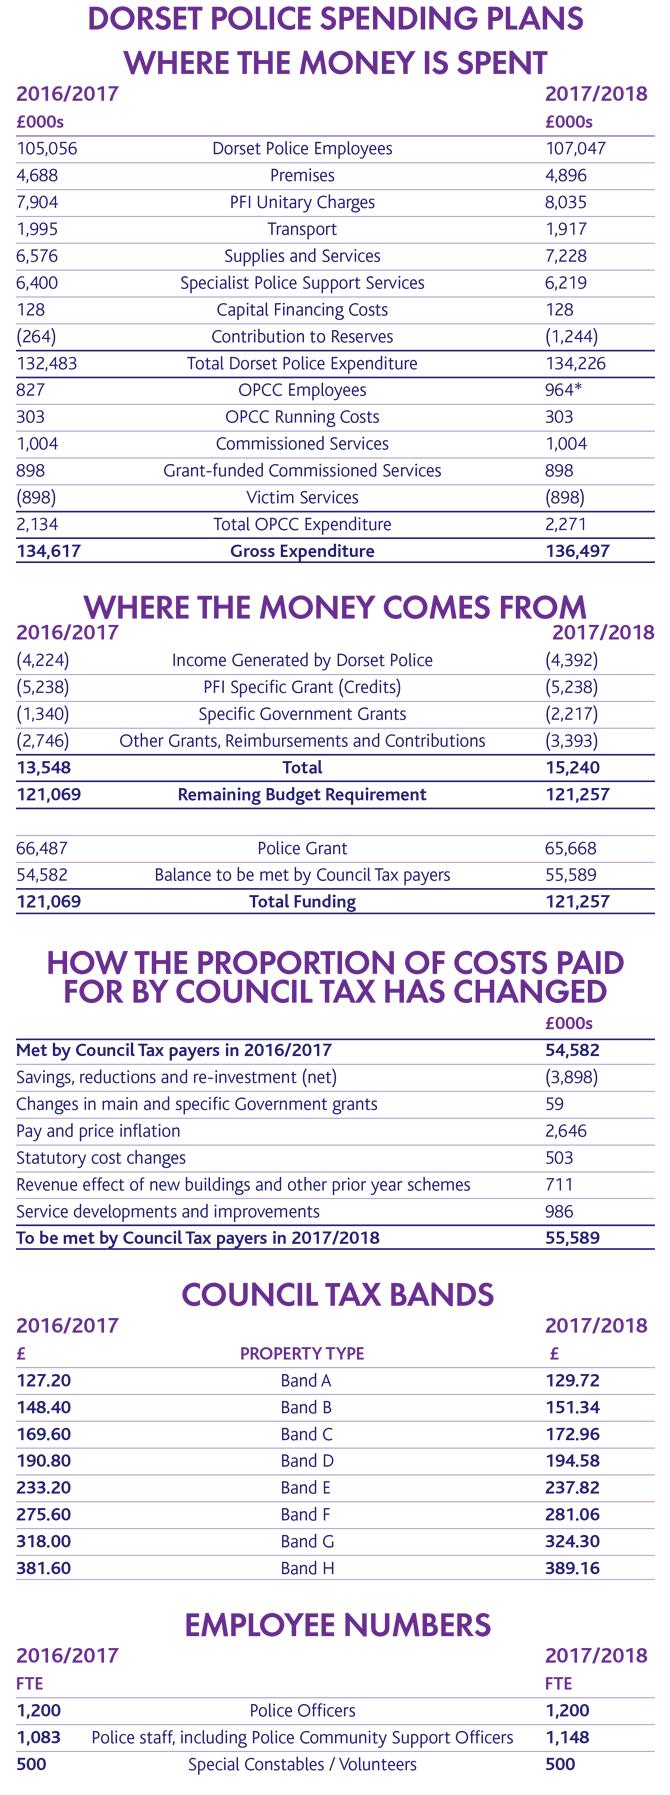 Council Tax 2017/18